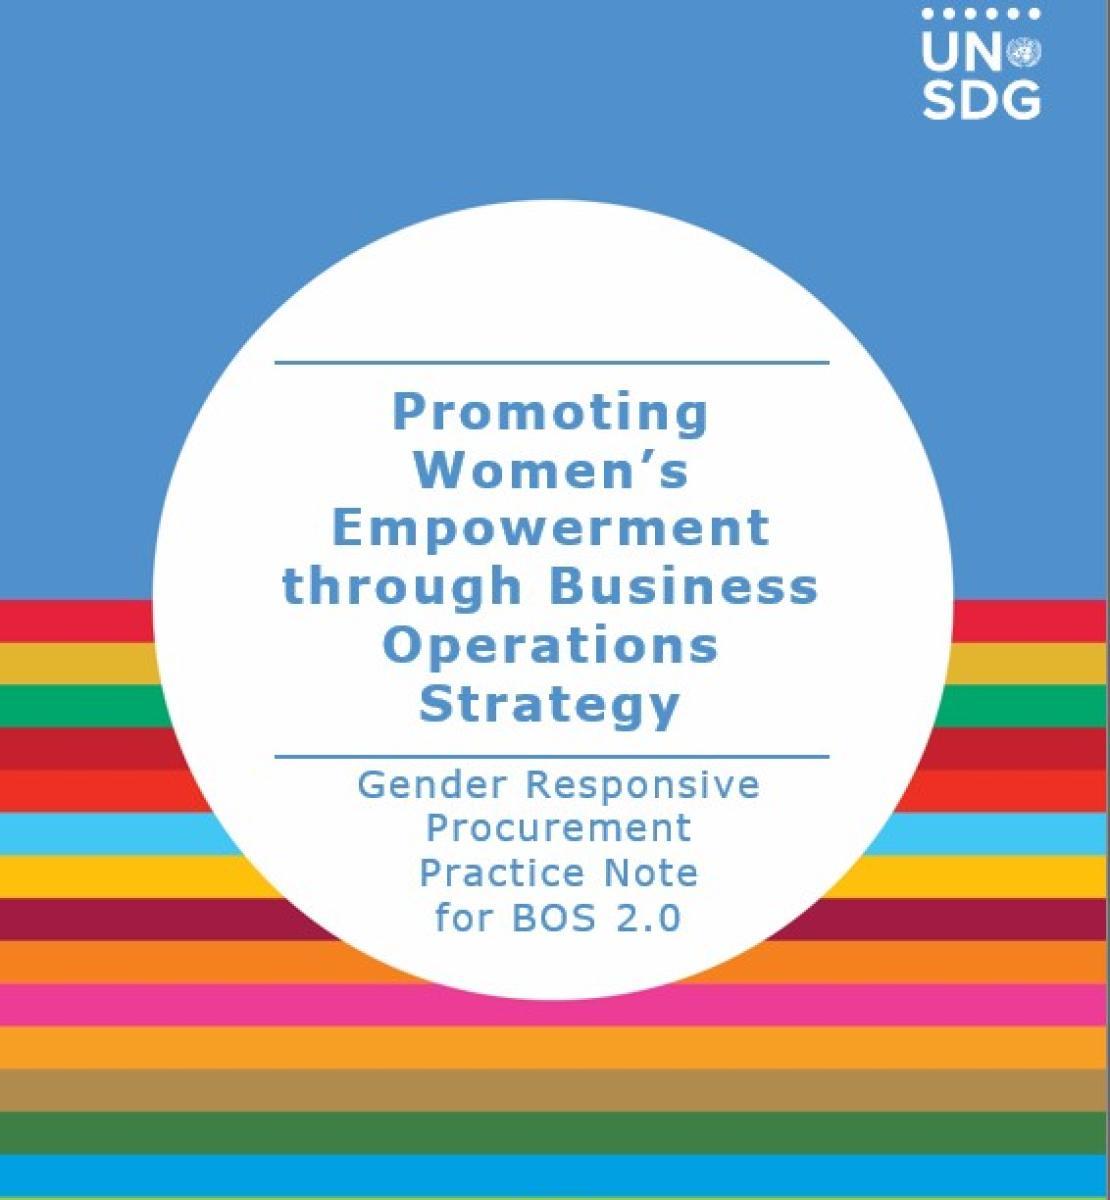 """دائرة بيضاء كُتب فيها عنوان الوثيقة """"المشتريات المراعية للمنظور الجنساني"""" مع خلفية ألوان مجموعة الأمم المتحدة للتنمية المستدامة."""